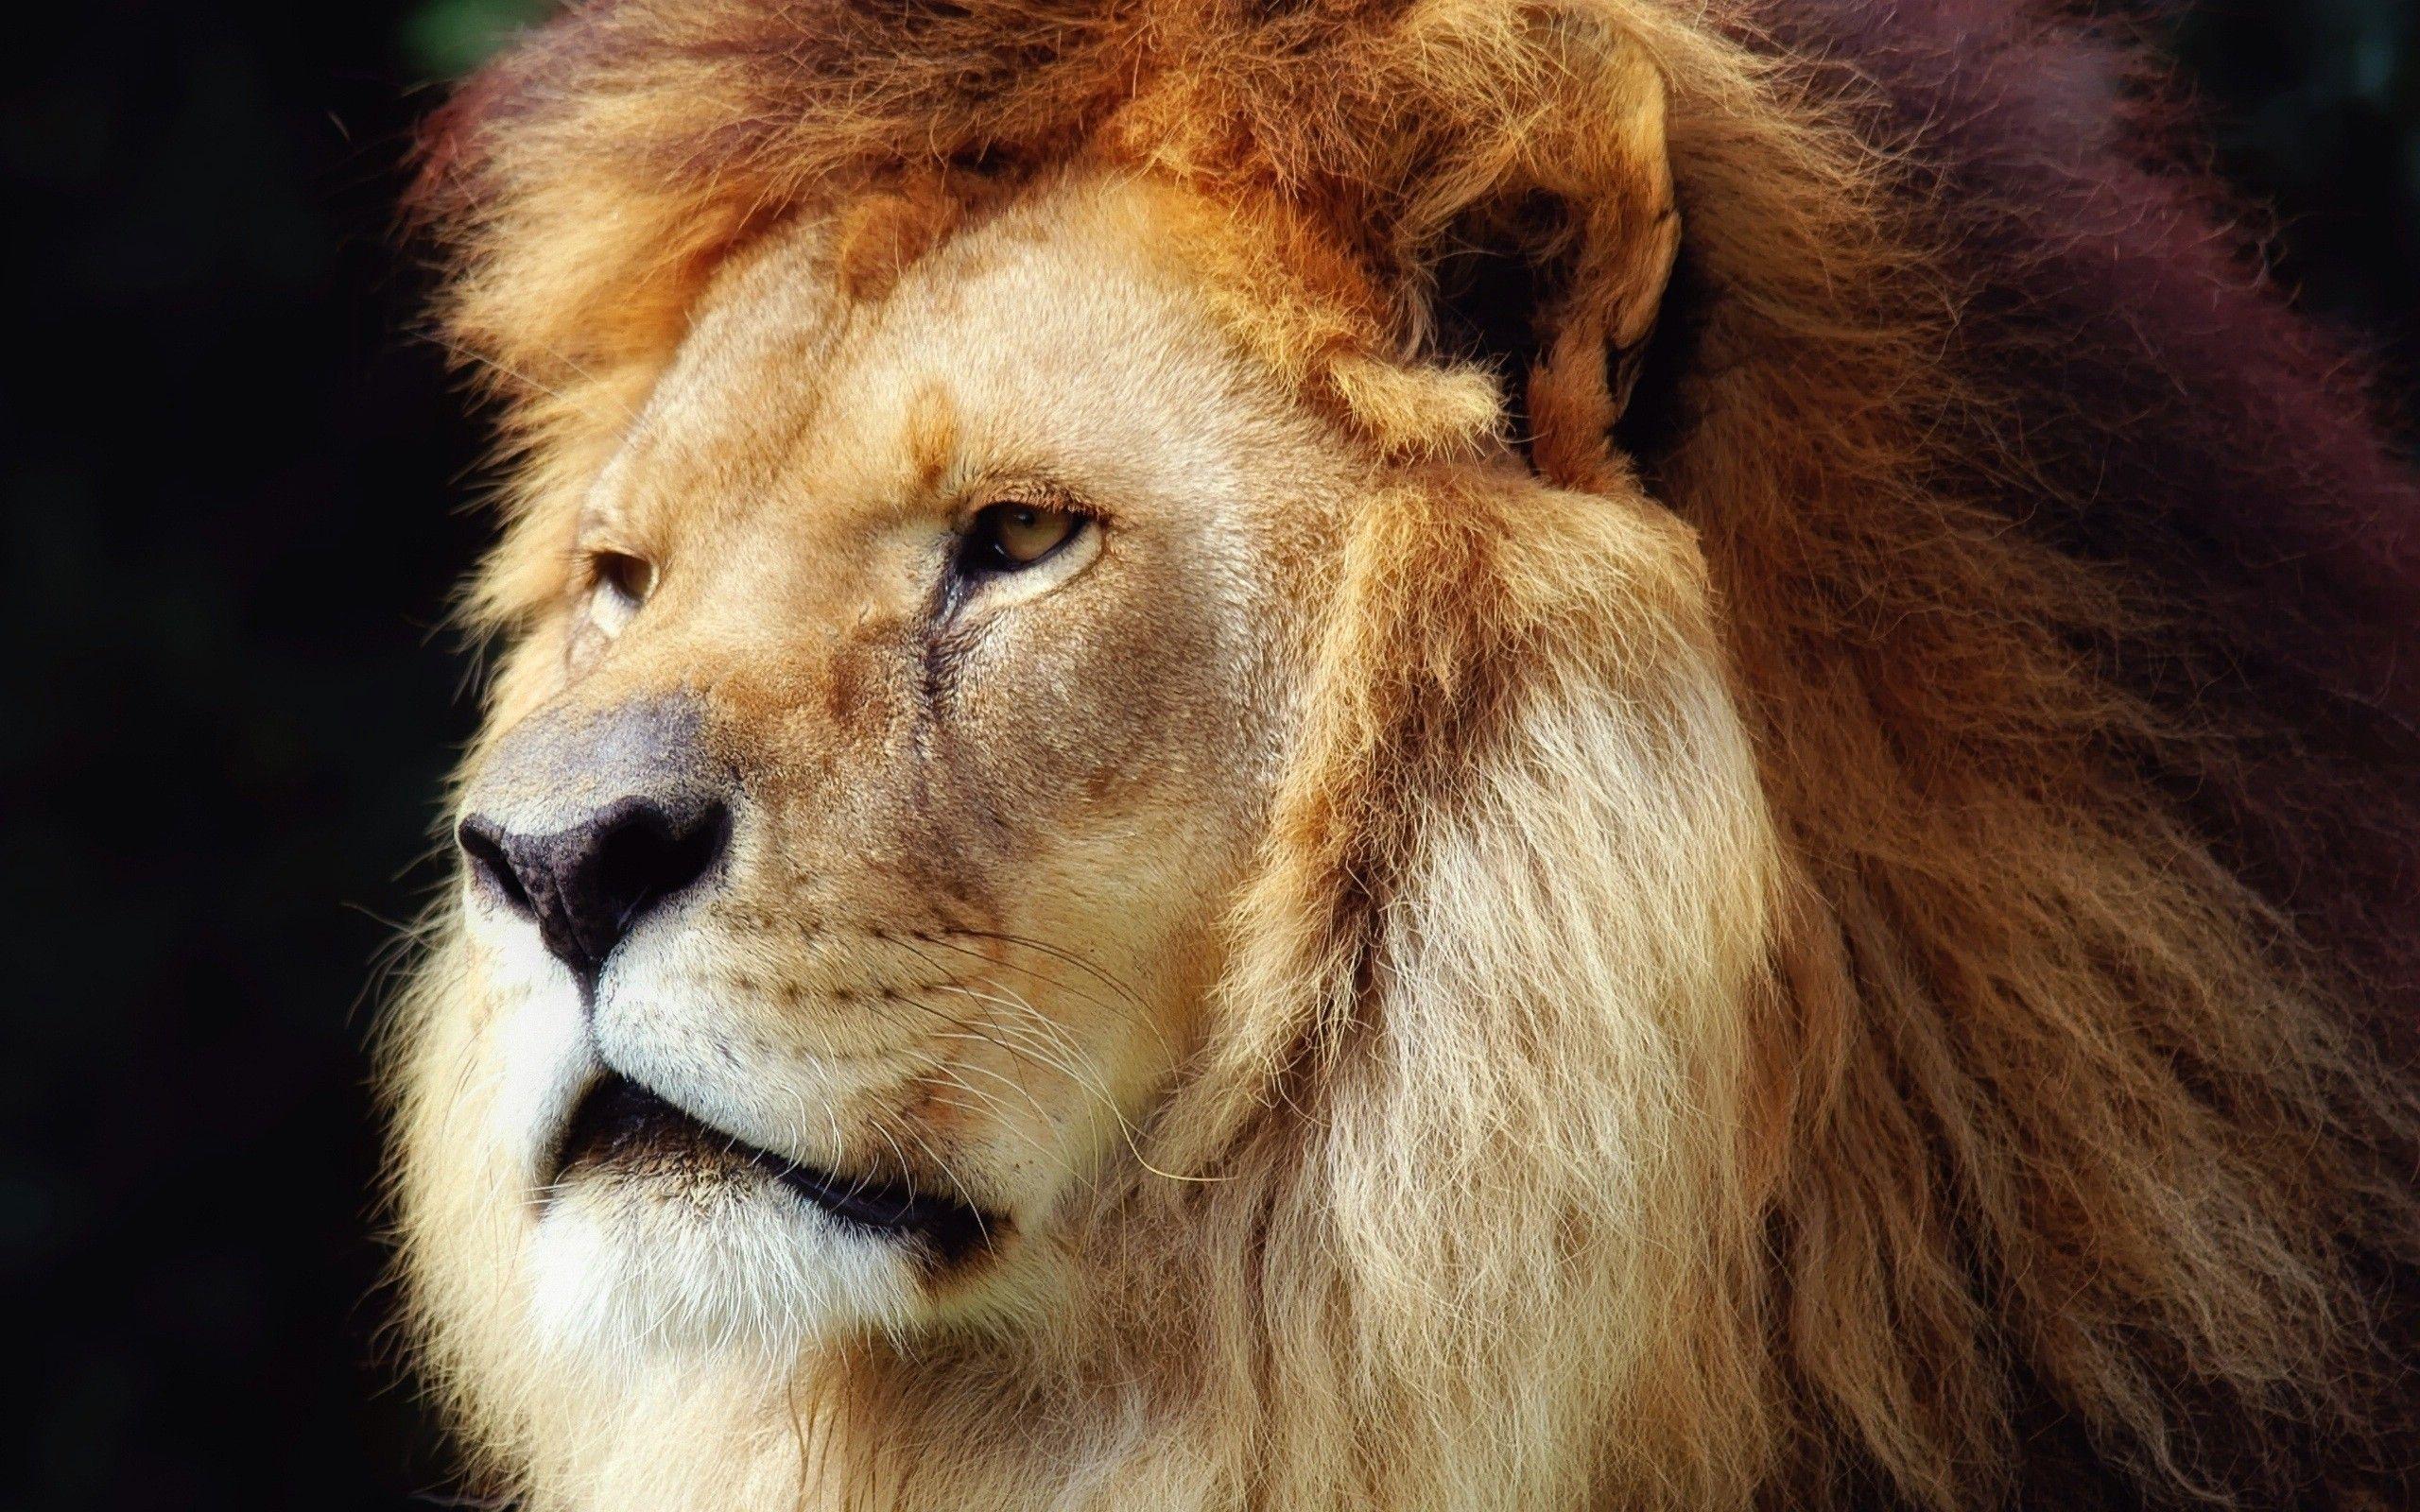 Hd wallpaper lion - Lion Hd Wallpaper Free Download